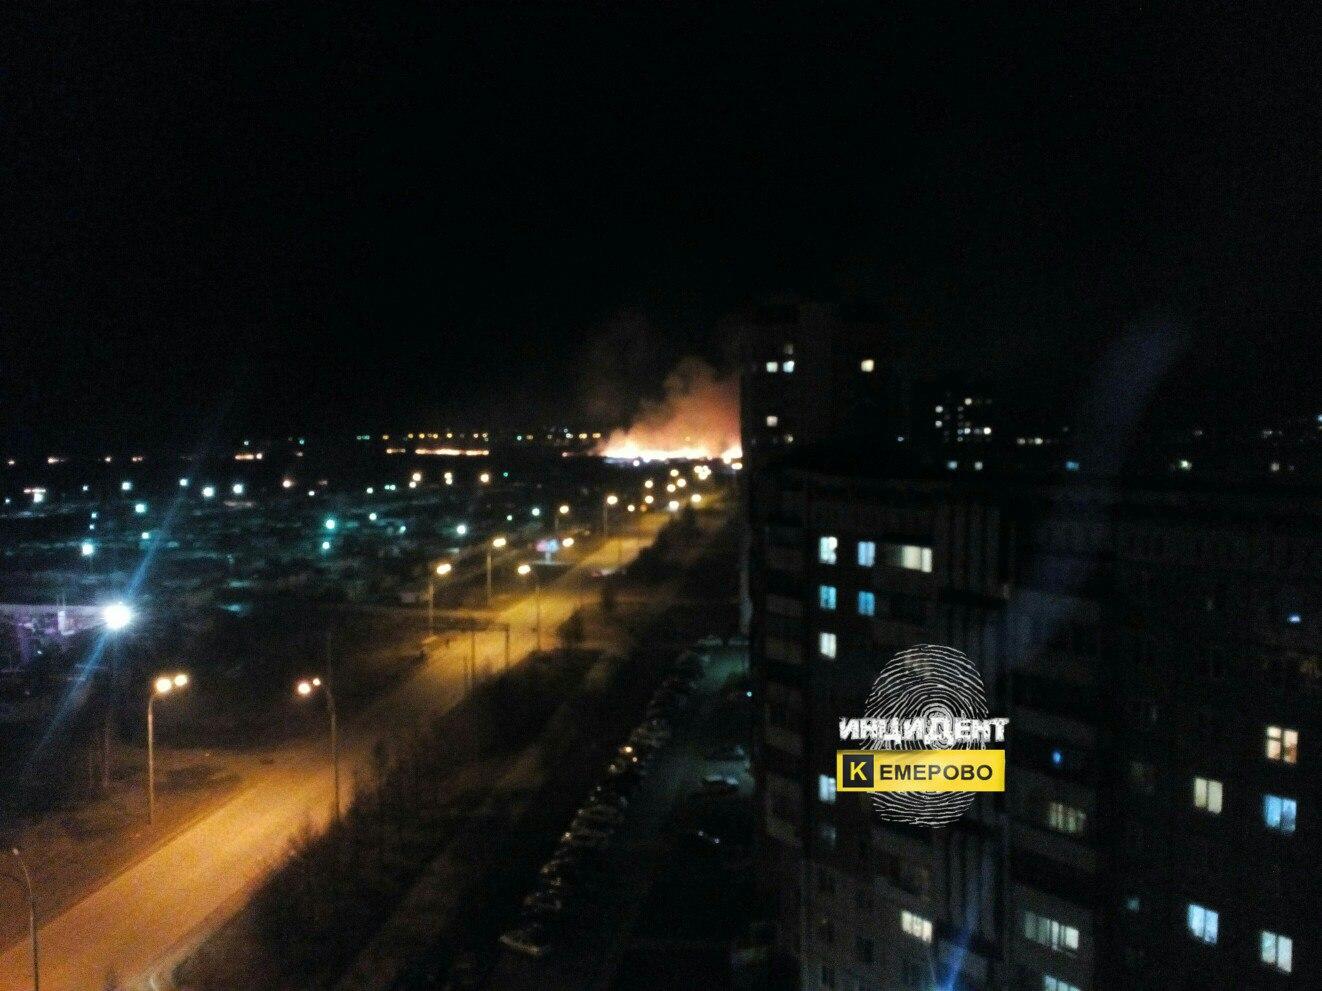 Размещено видео крупного пожара за«Колосом» вКемерове